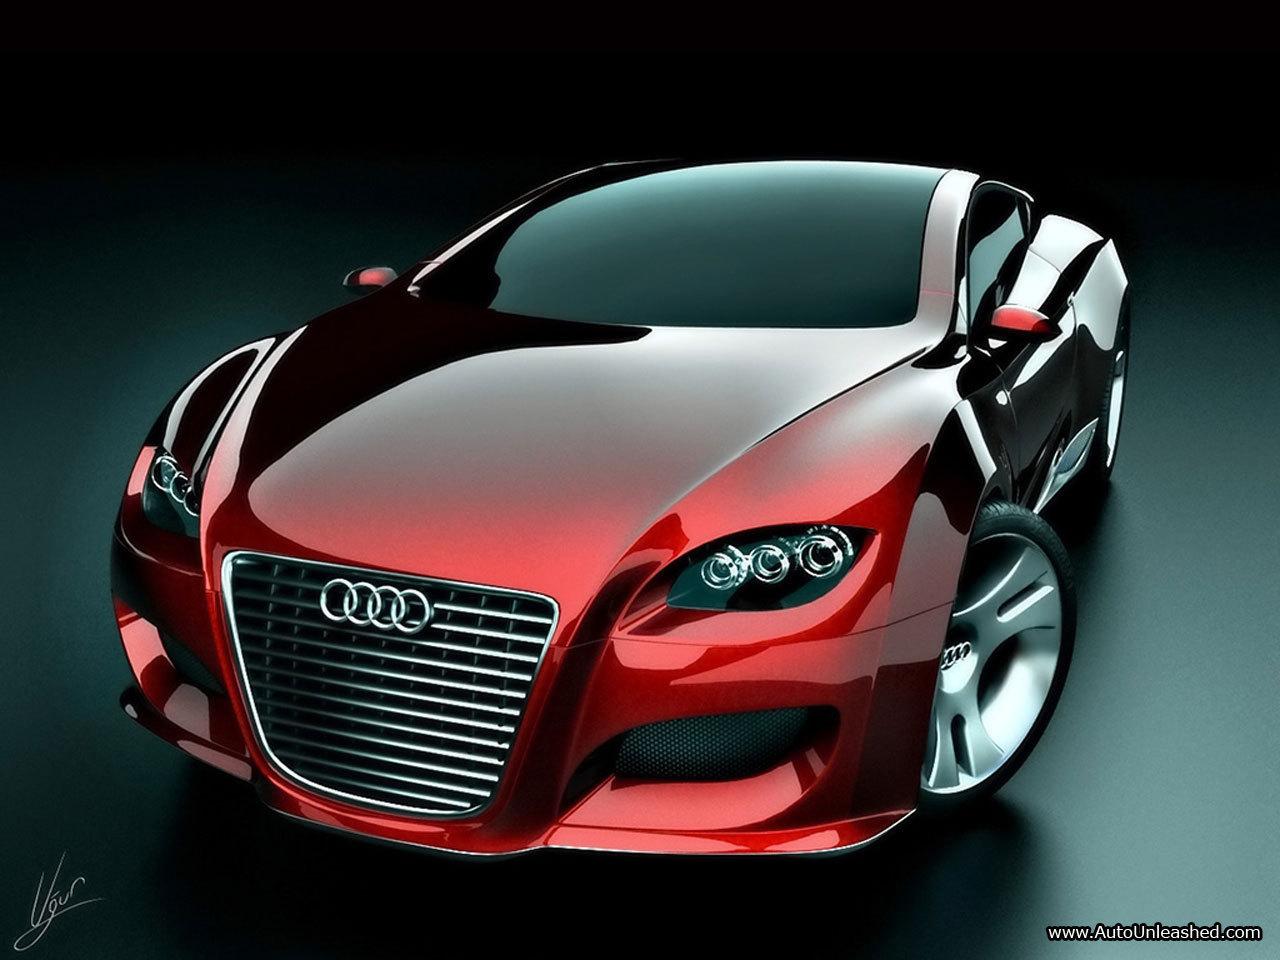 Car Wallpapers Audi